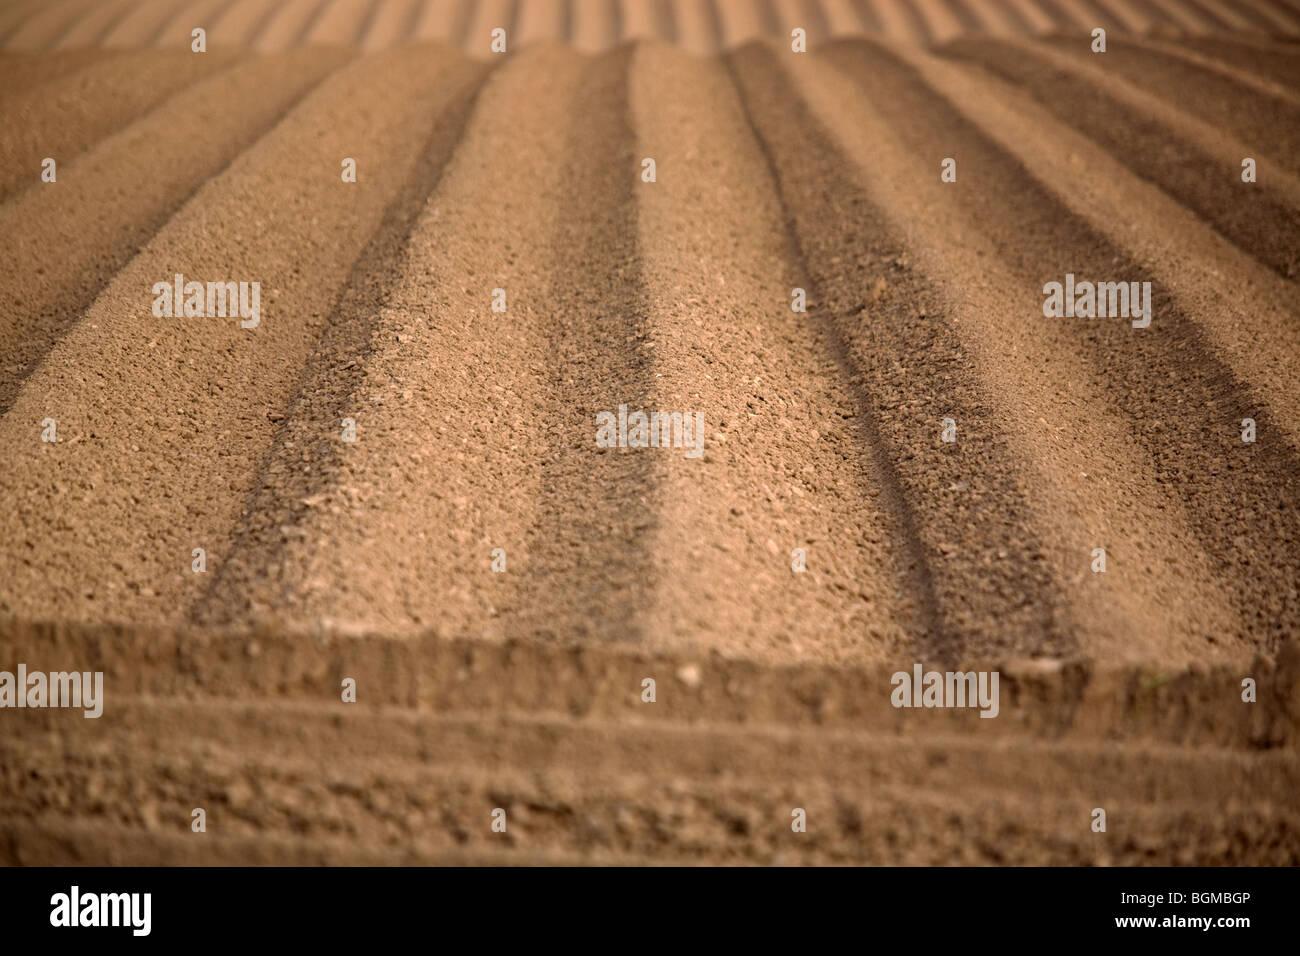 Los patrones en el suelo hechas por la agricultura Imagen De Stock